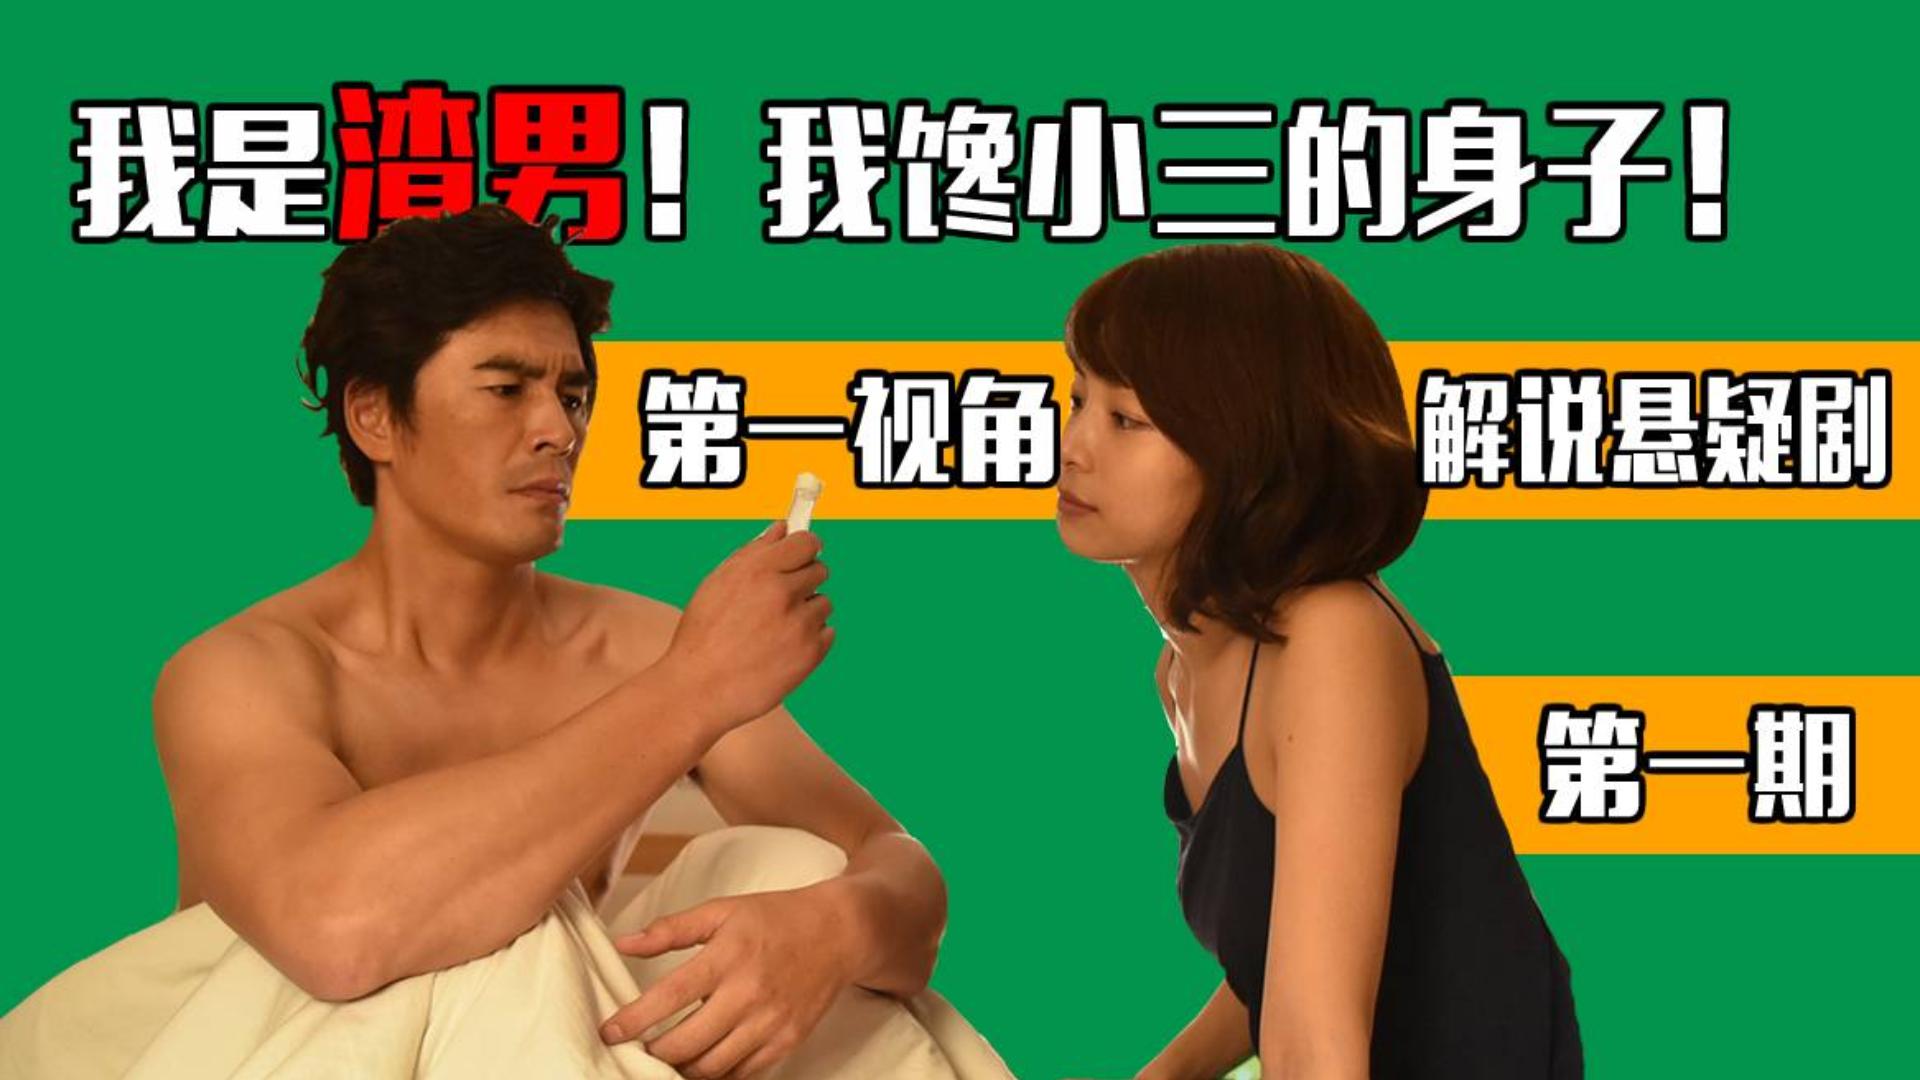 【长工】第一视角解说经典悬疑剧《我的危险妻子》第一期